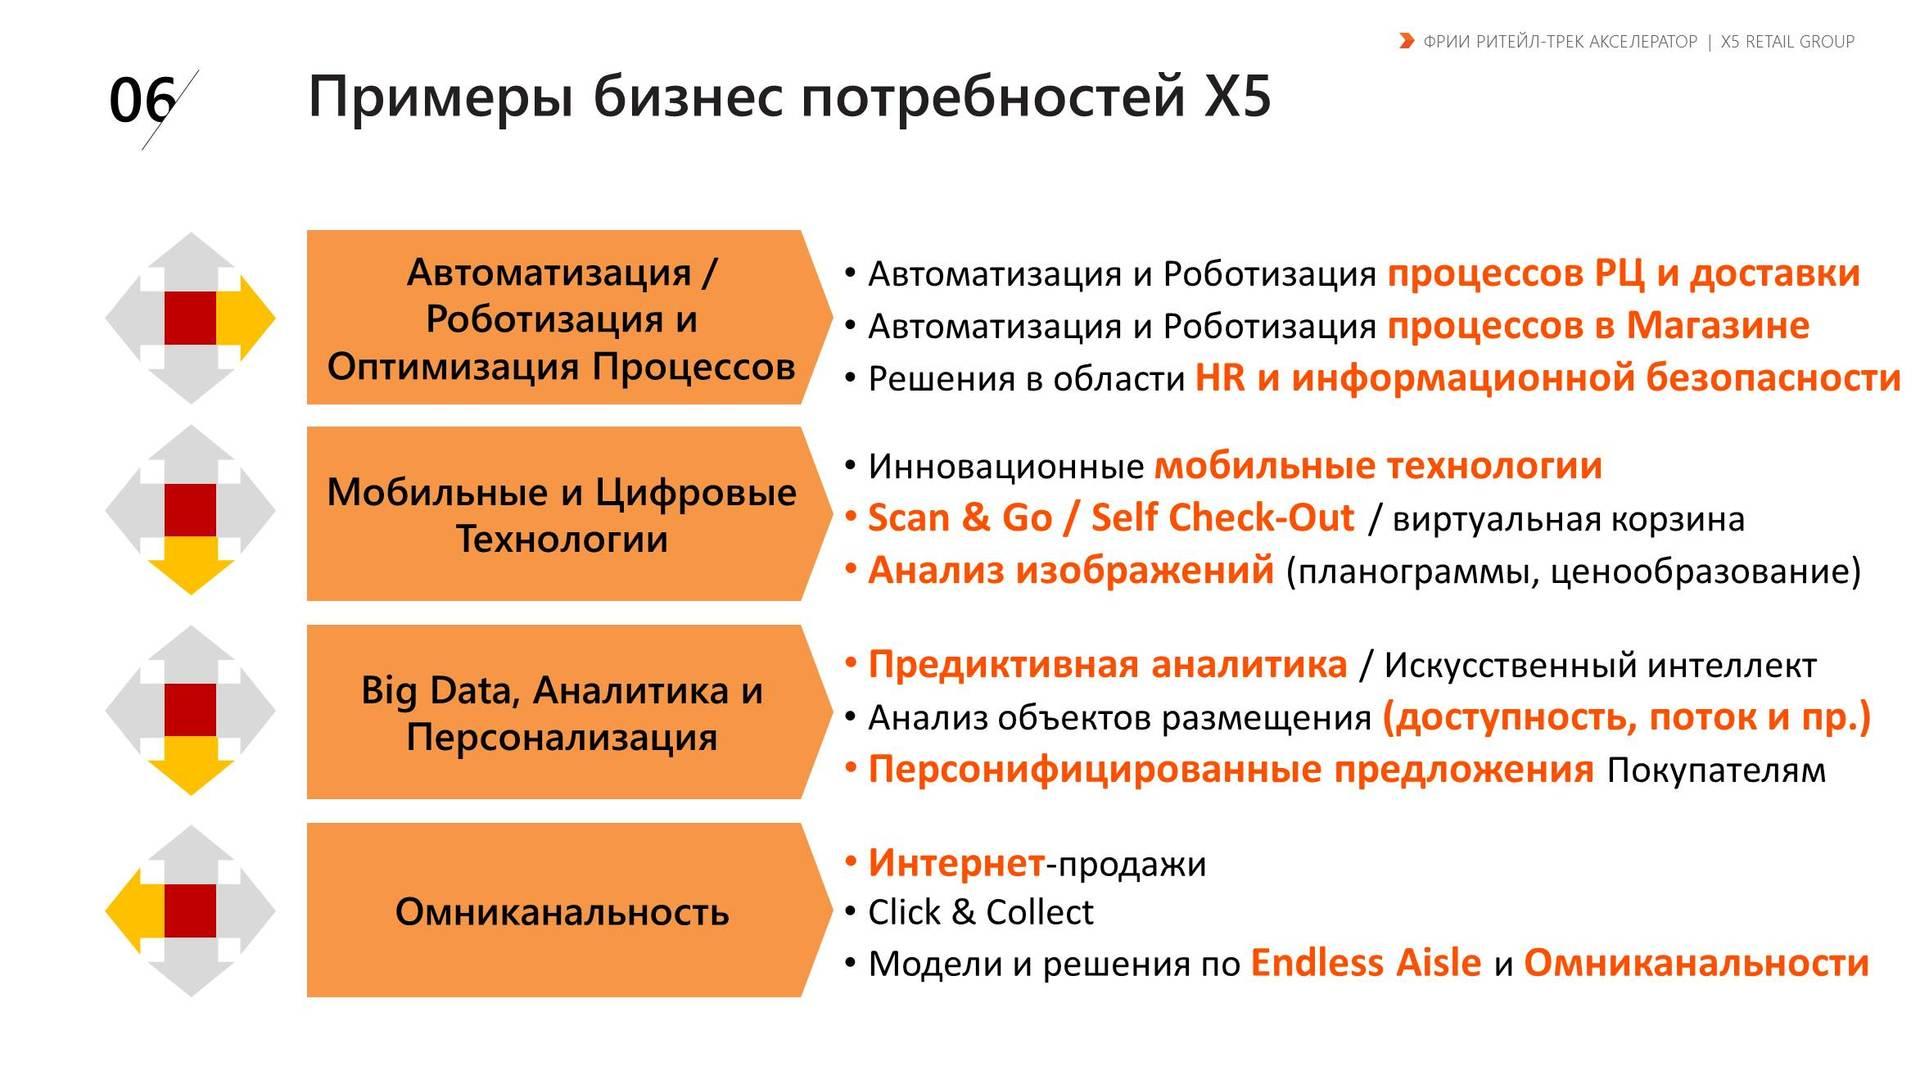 схема бизнес-процессов компании х5 retail group